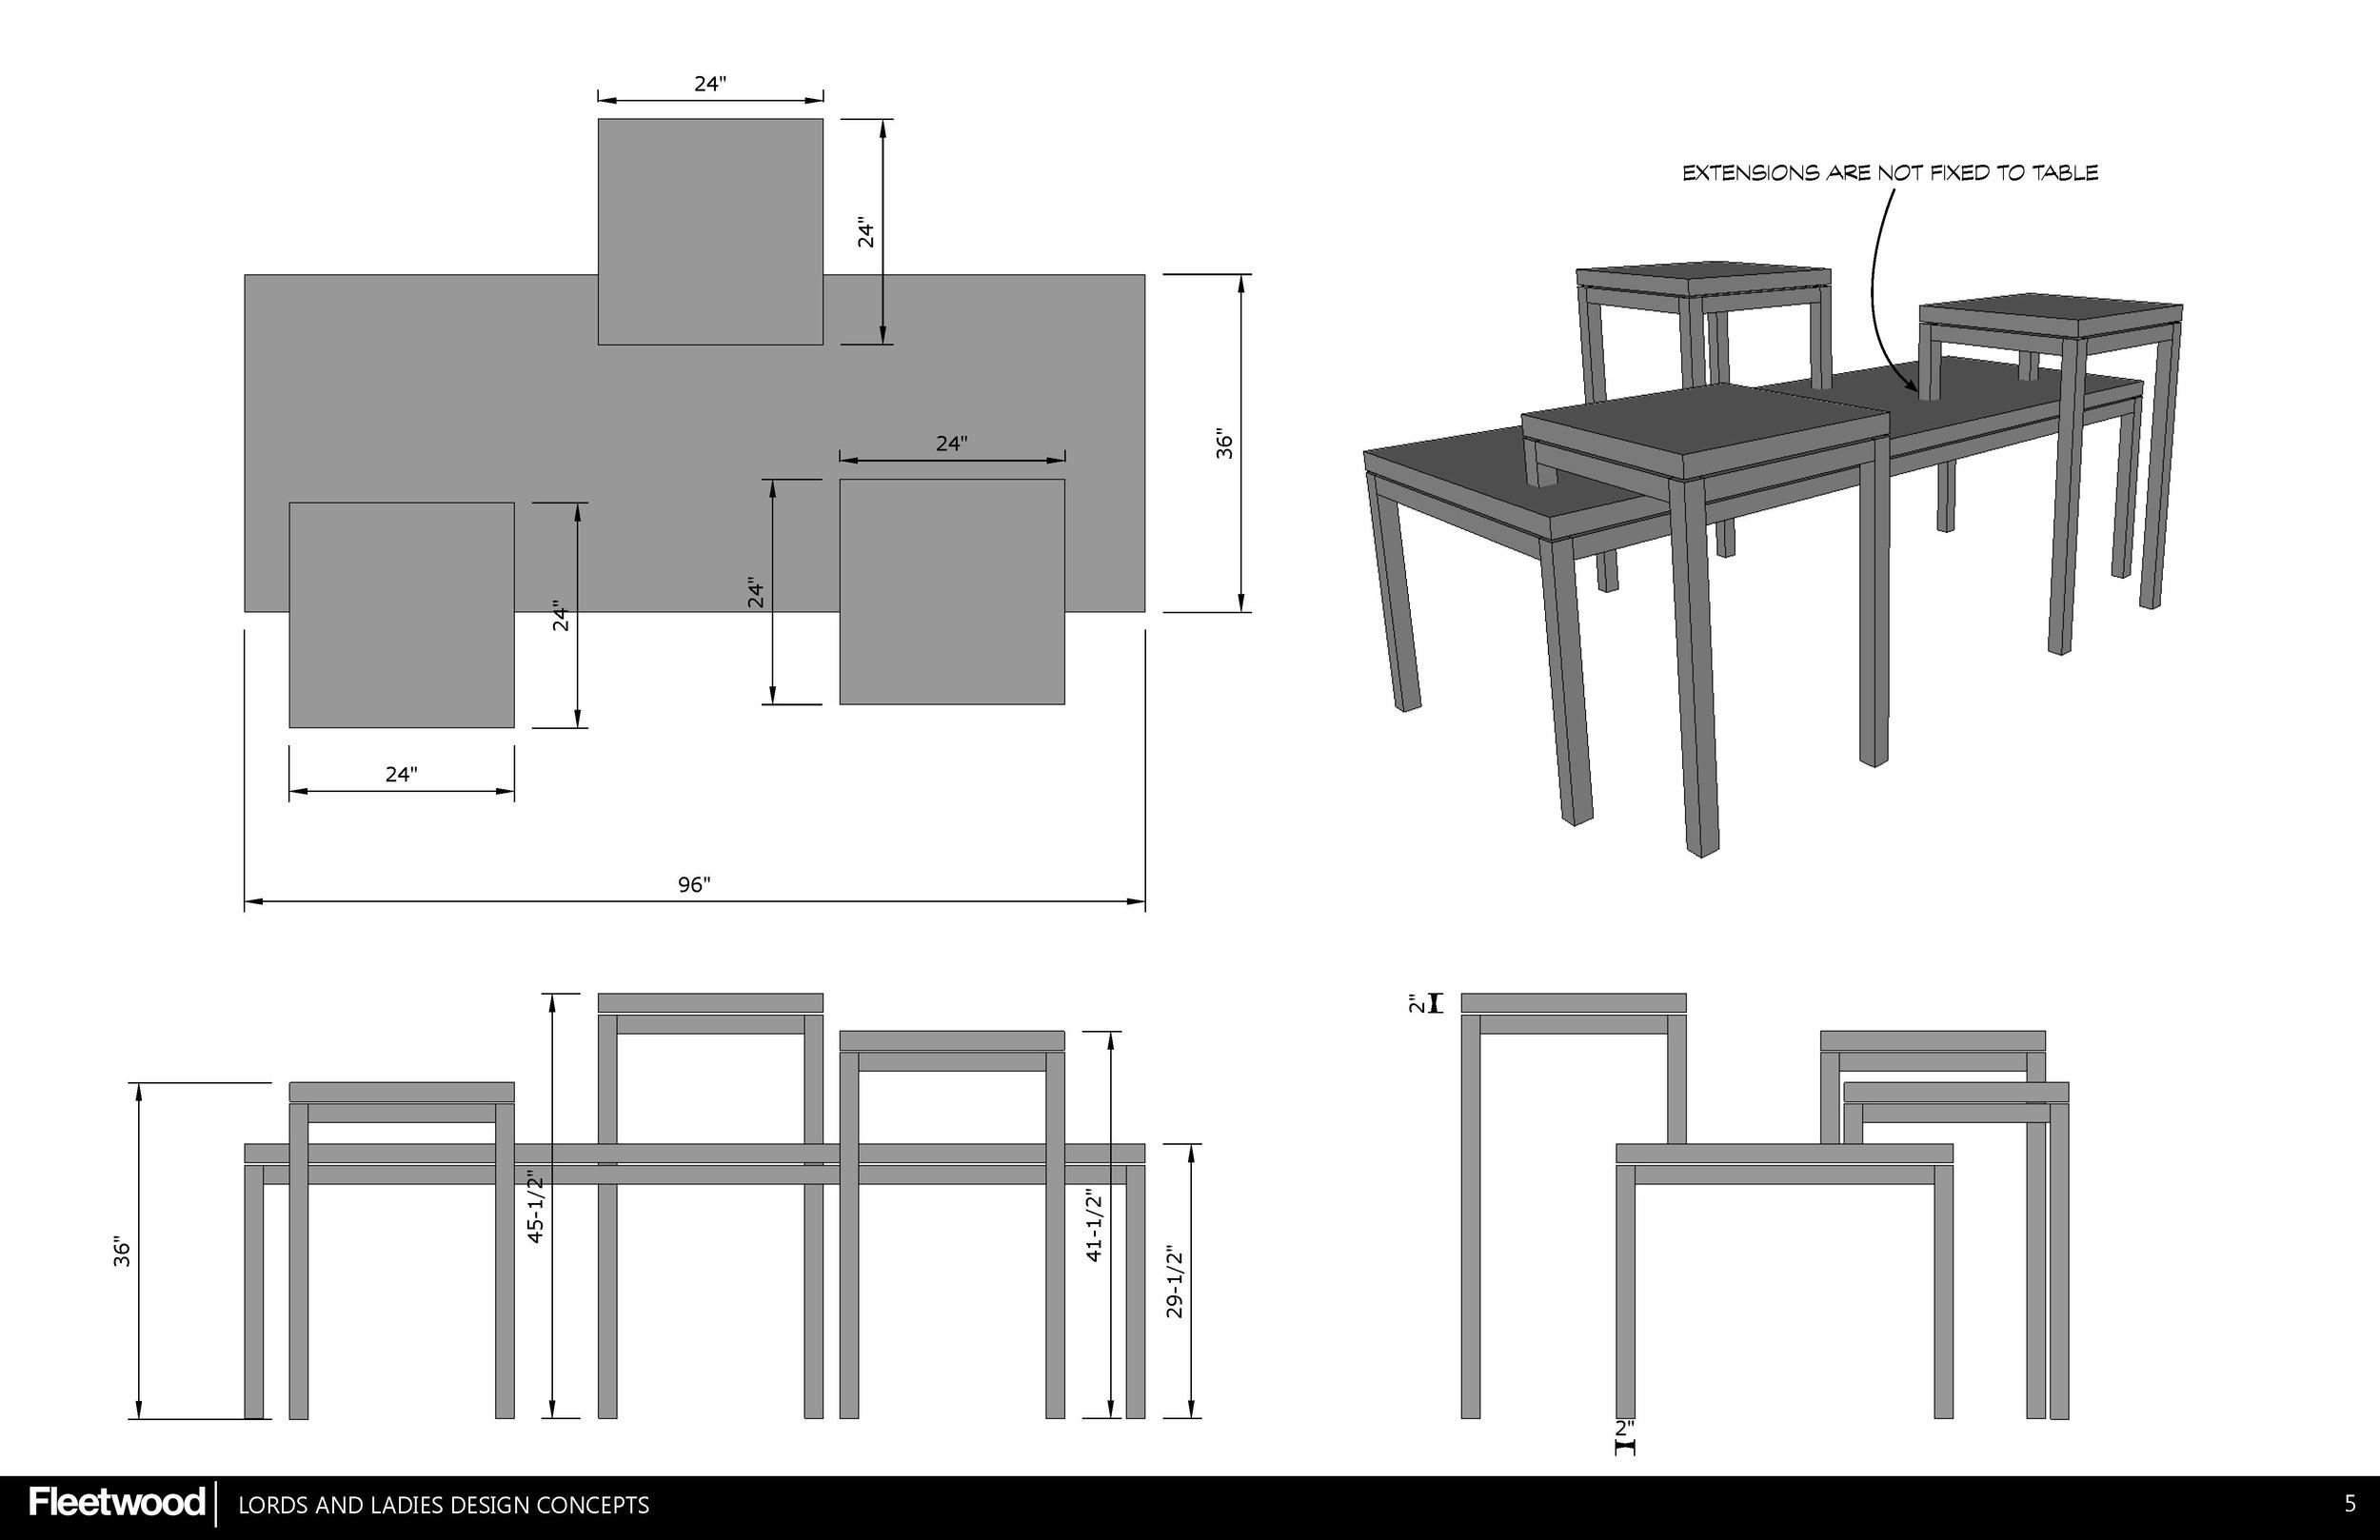 L&L concept renderings V5 September 16, 2015-shelves_Page_05.jpg